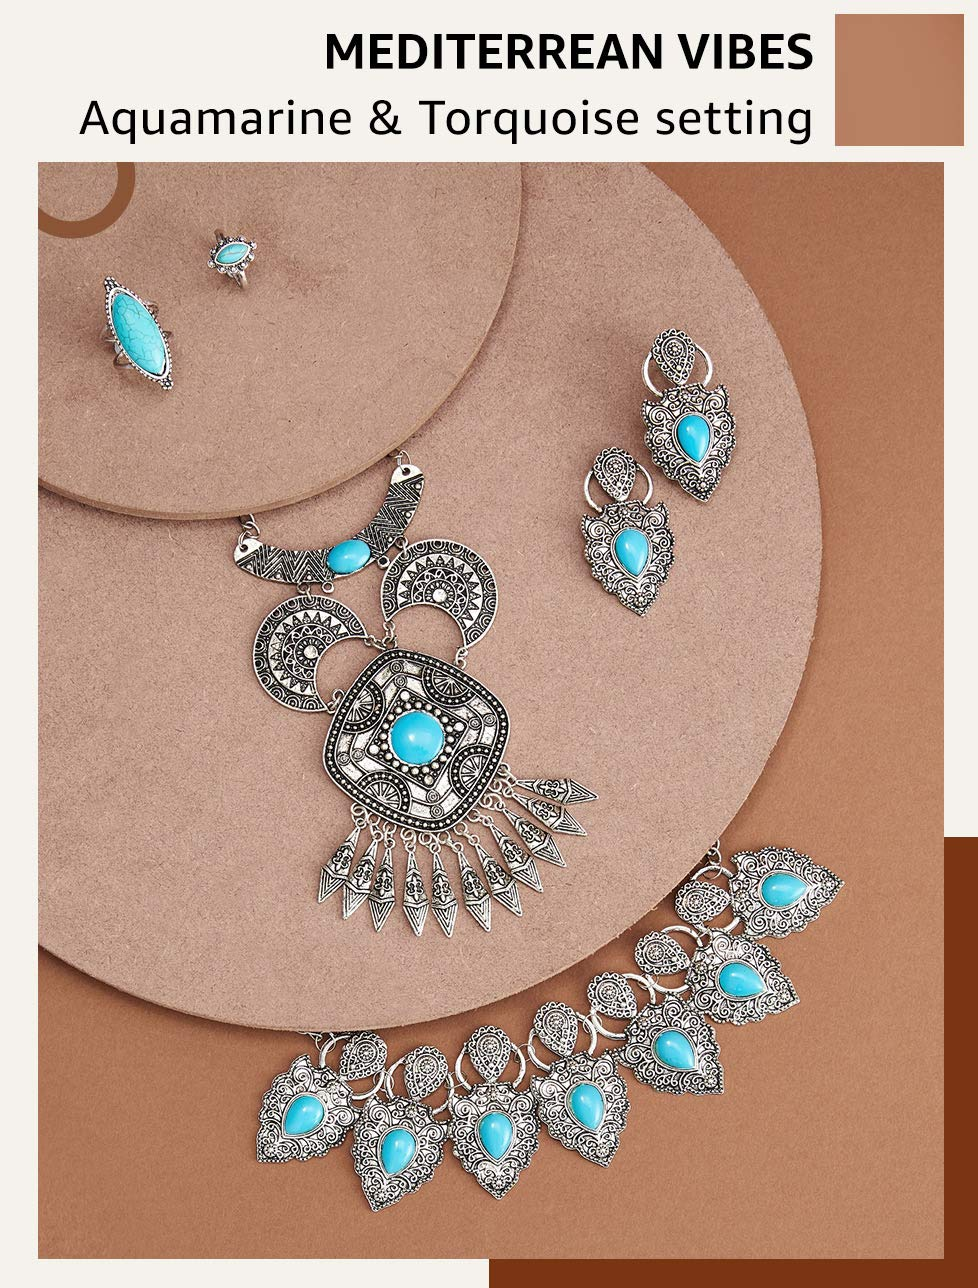 Aquamarine & Turquoise Sets